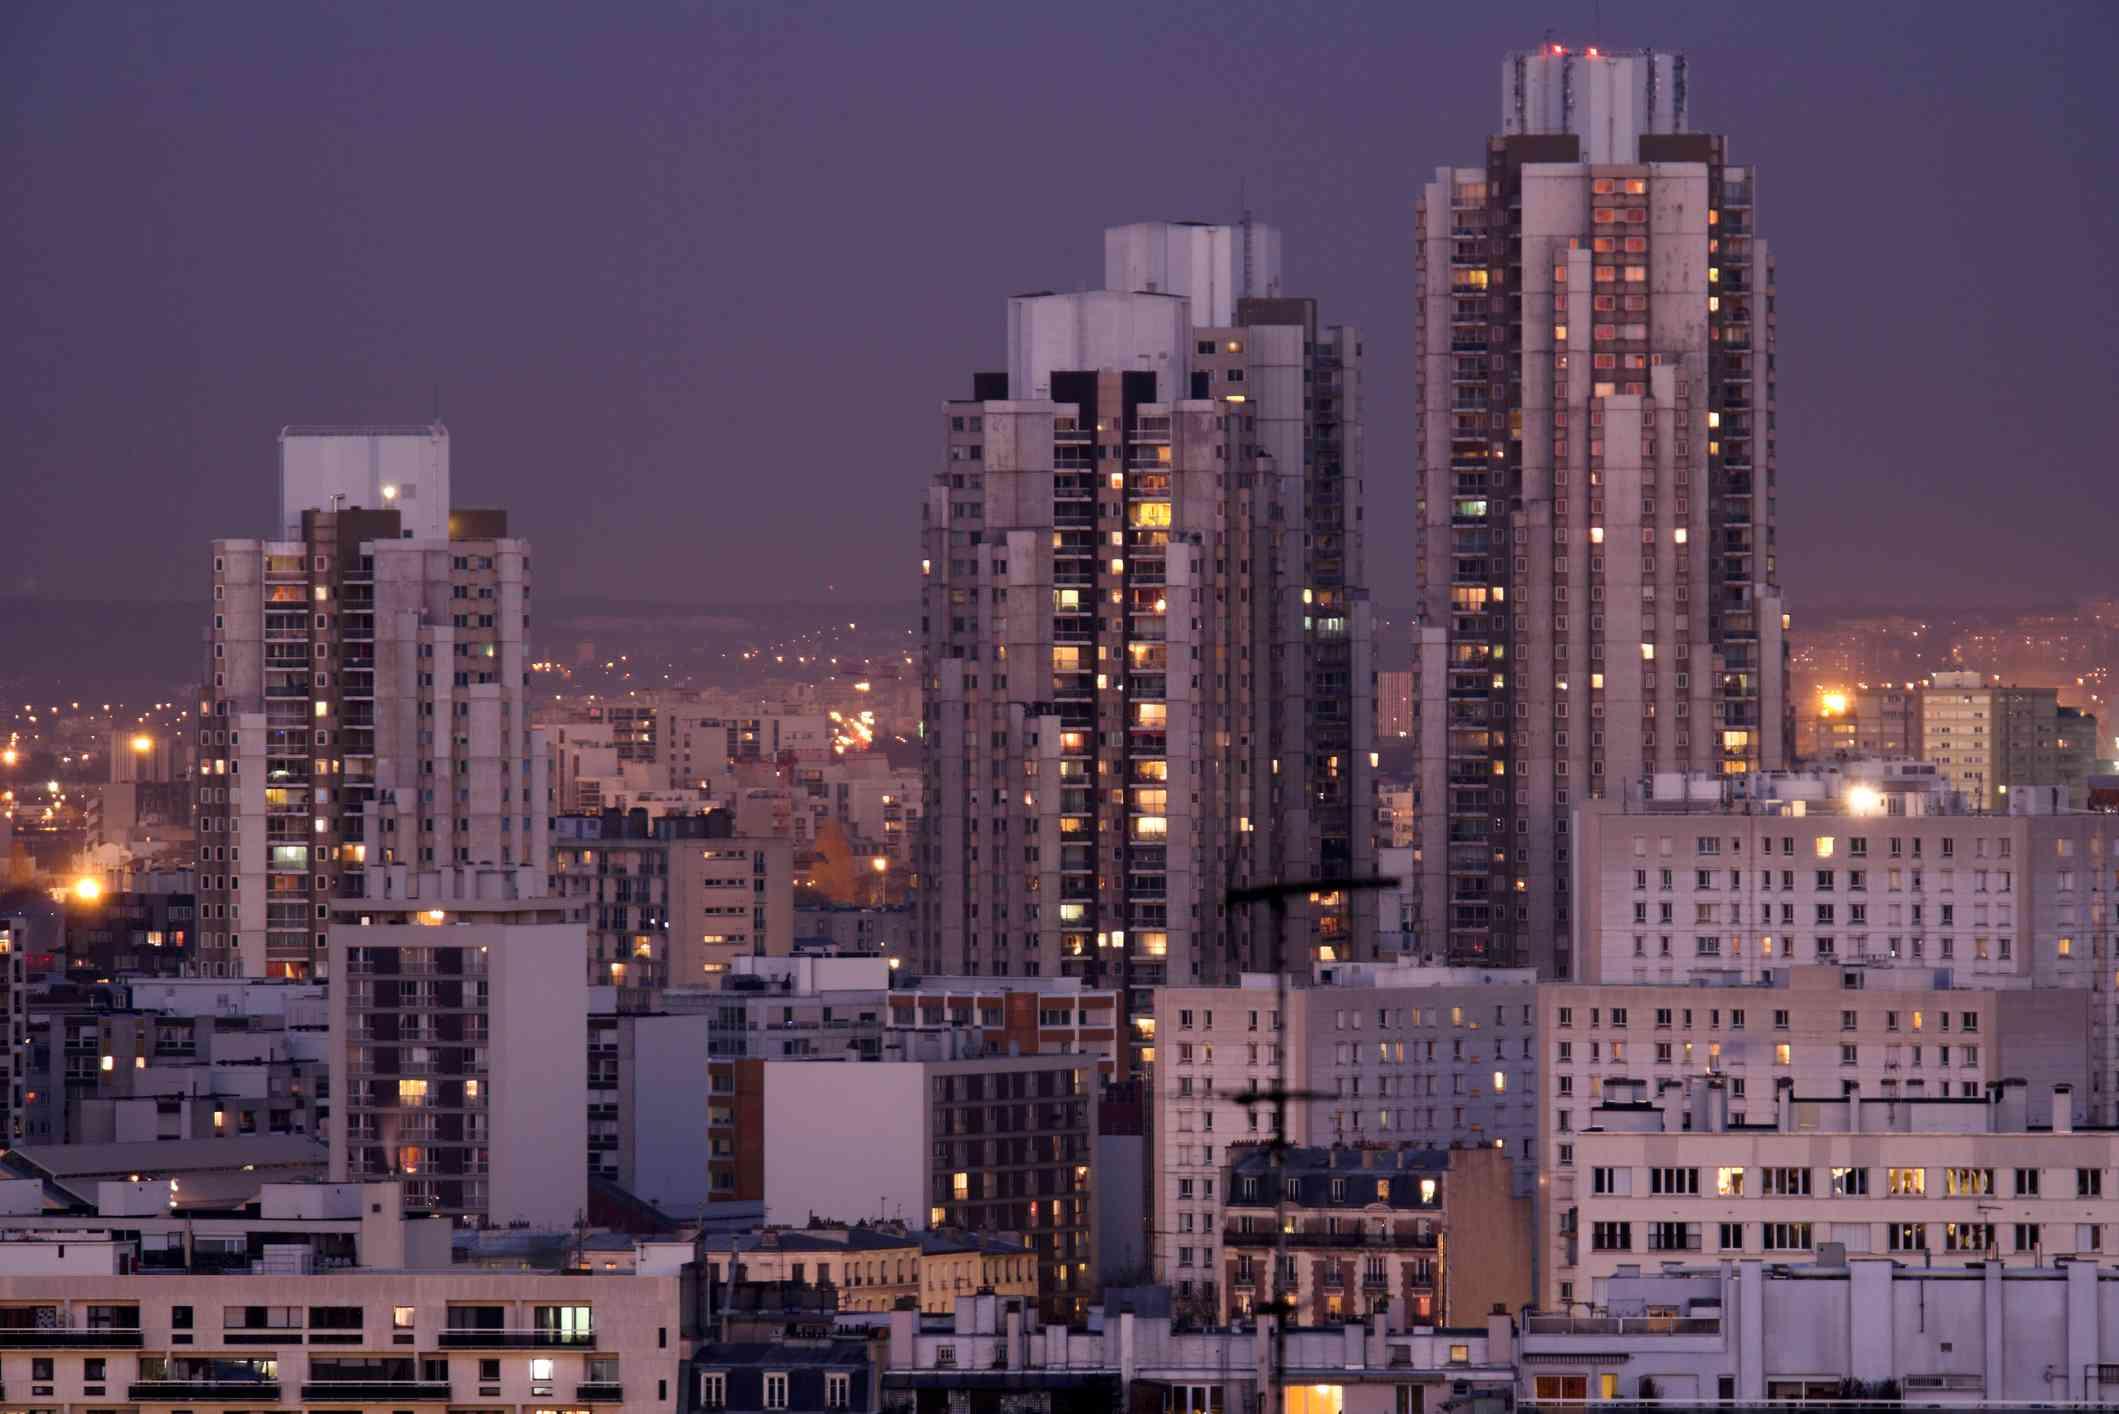 Les Orgues de Flandre social housing tower block towers in Paris